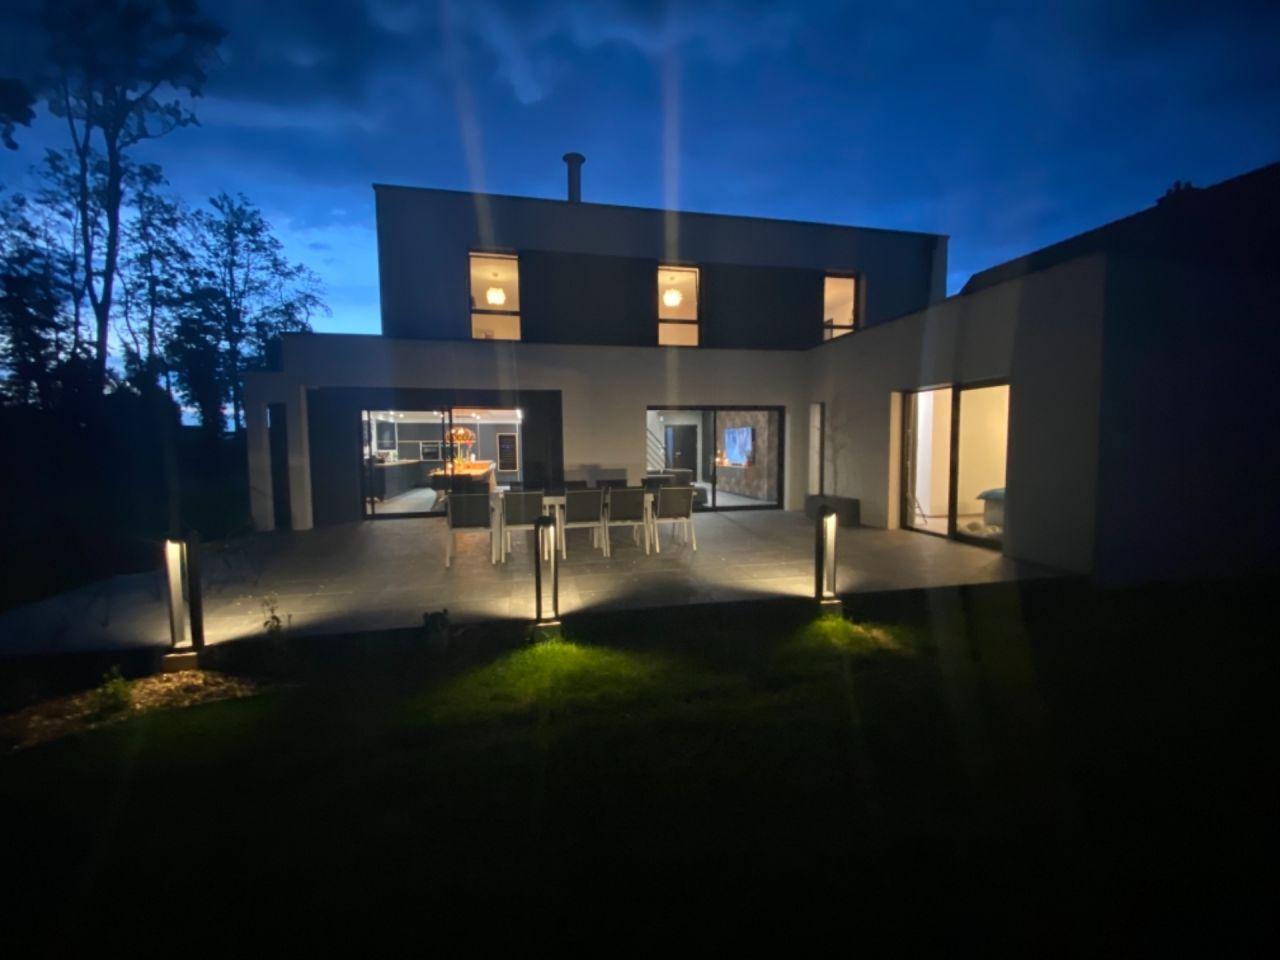 Éclairage de la terrasse en place